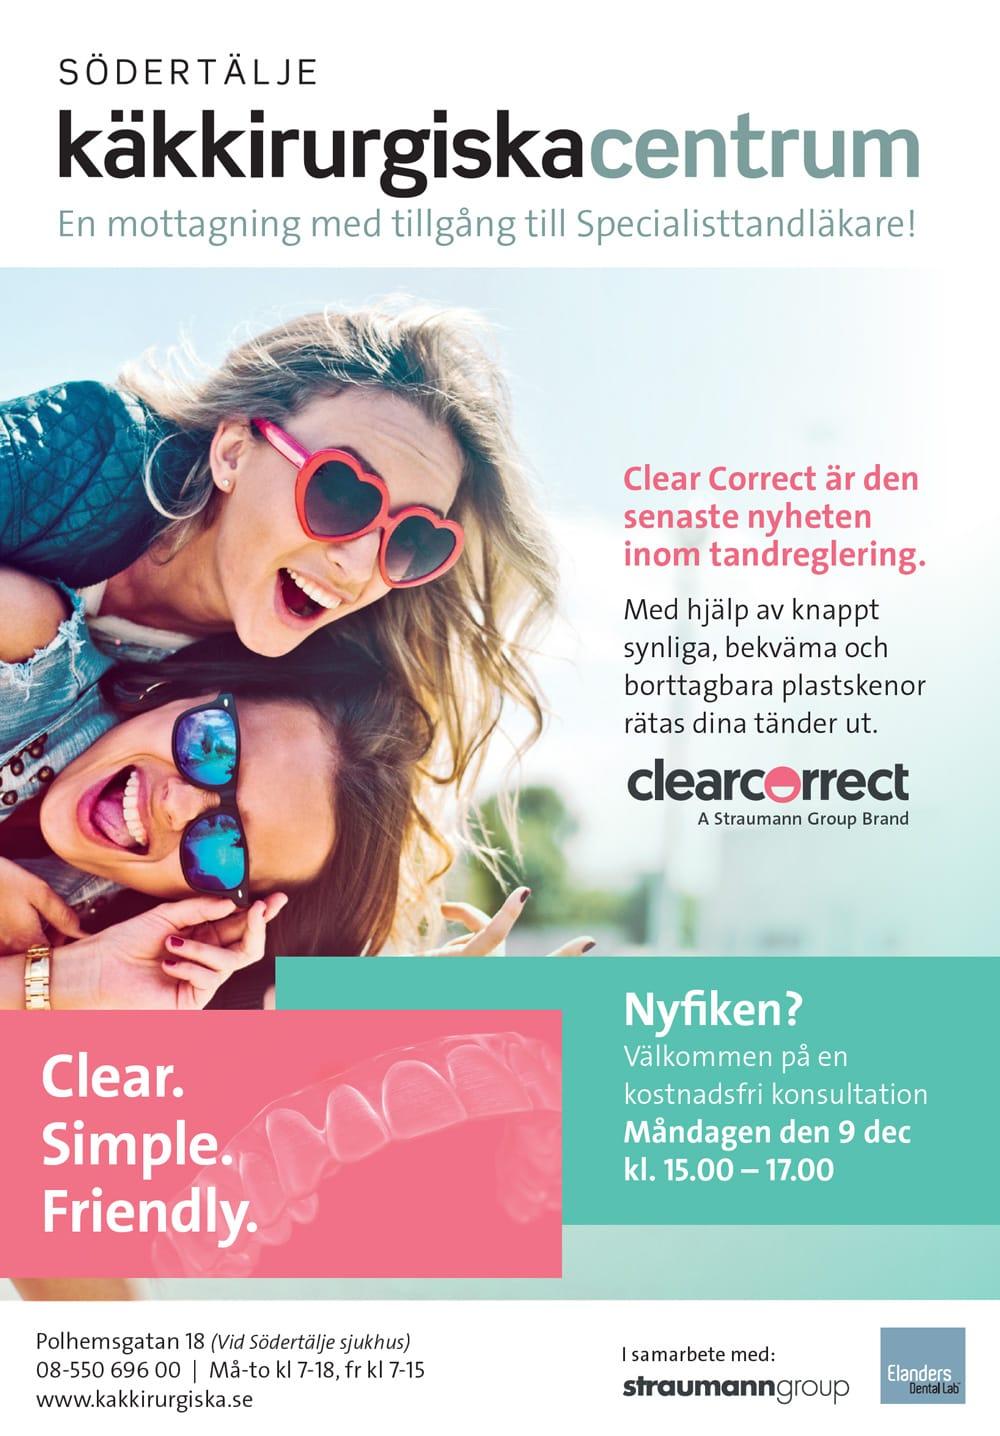 ClearCorrect kampanjbild av två kvinnor